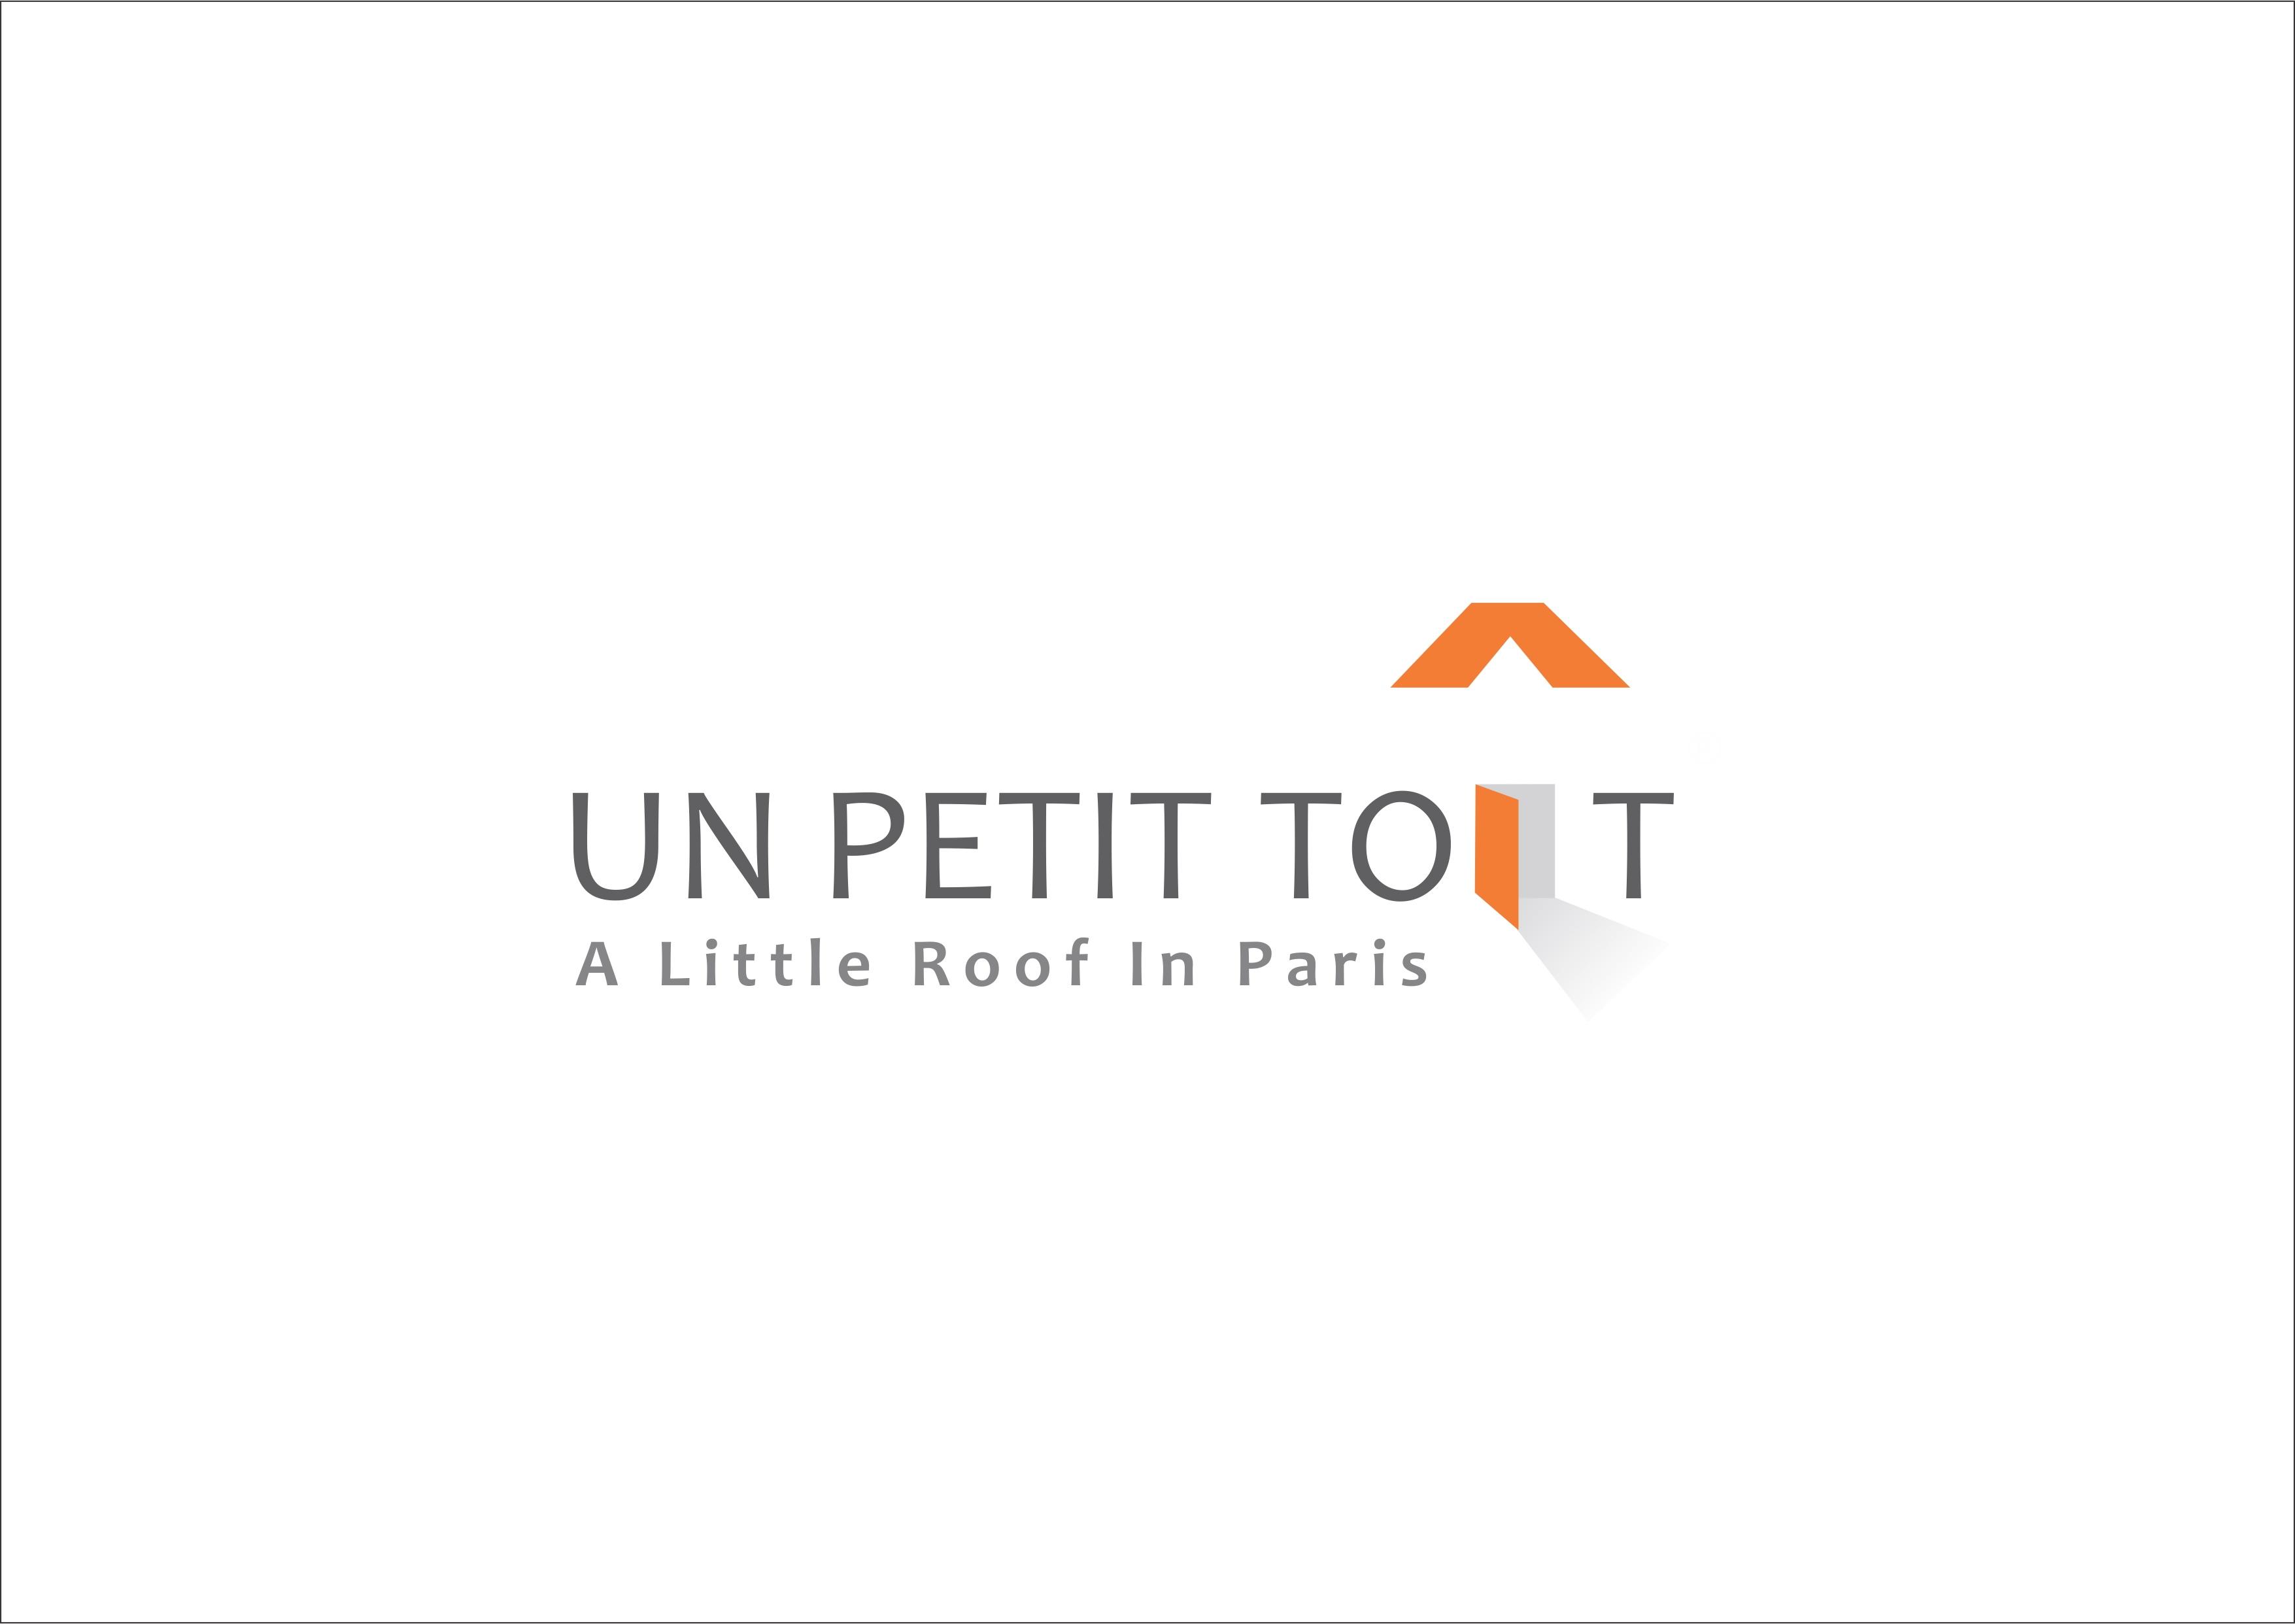 Un Petit Toit à Paris foyer d'hébergement